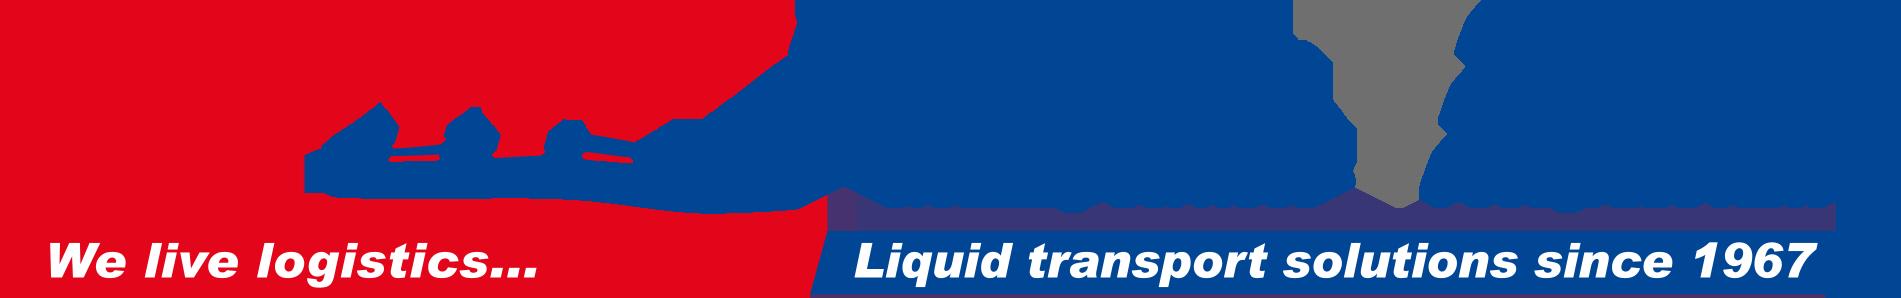 ROTH GmbH & Co. KG Liquid Logistics